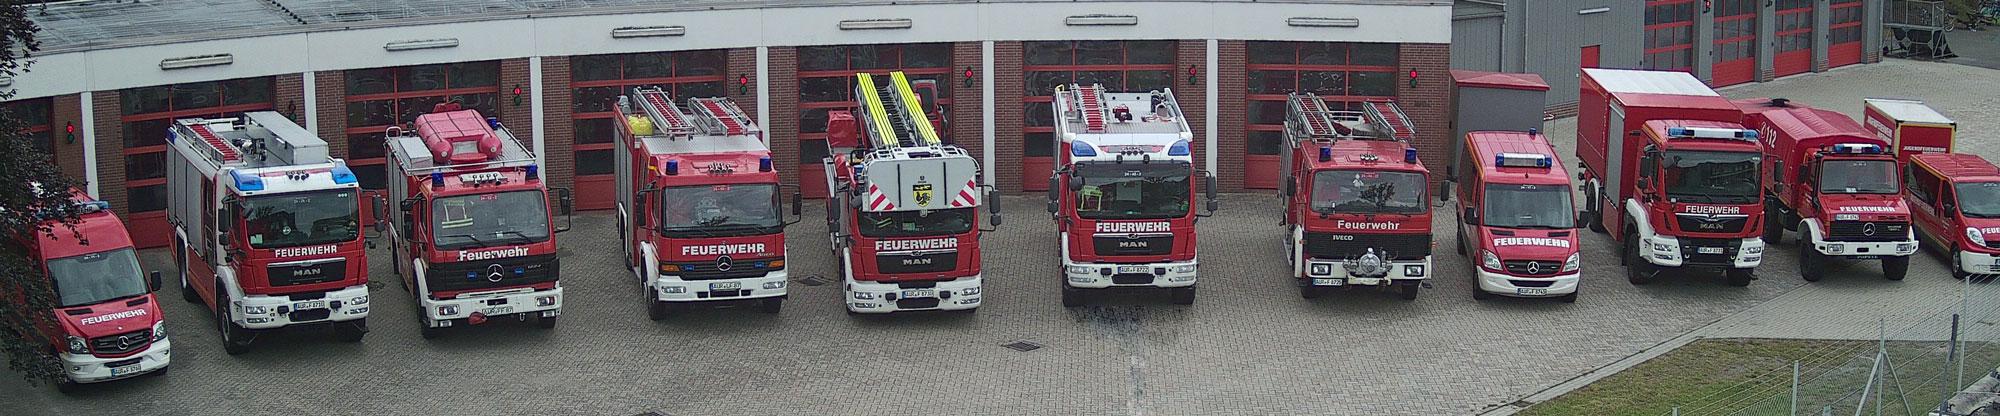 Freiwillige Feuerwehr Wiesmoor